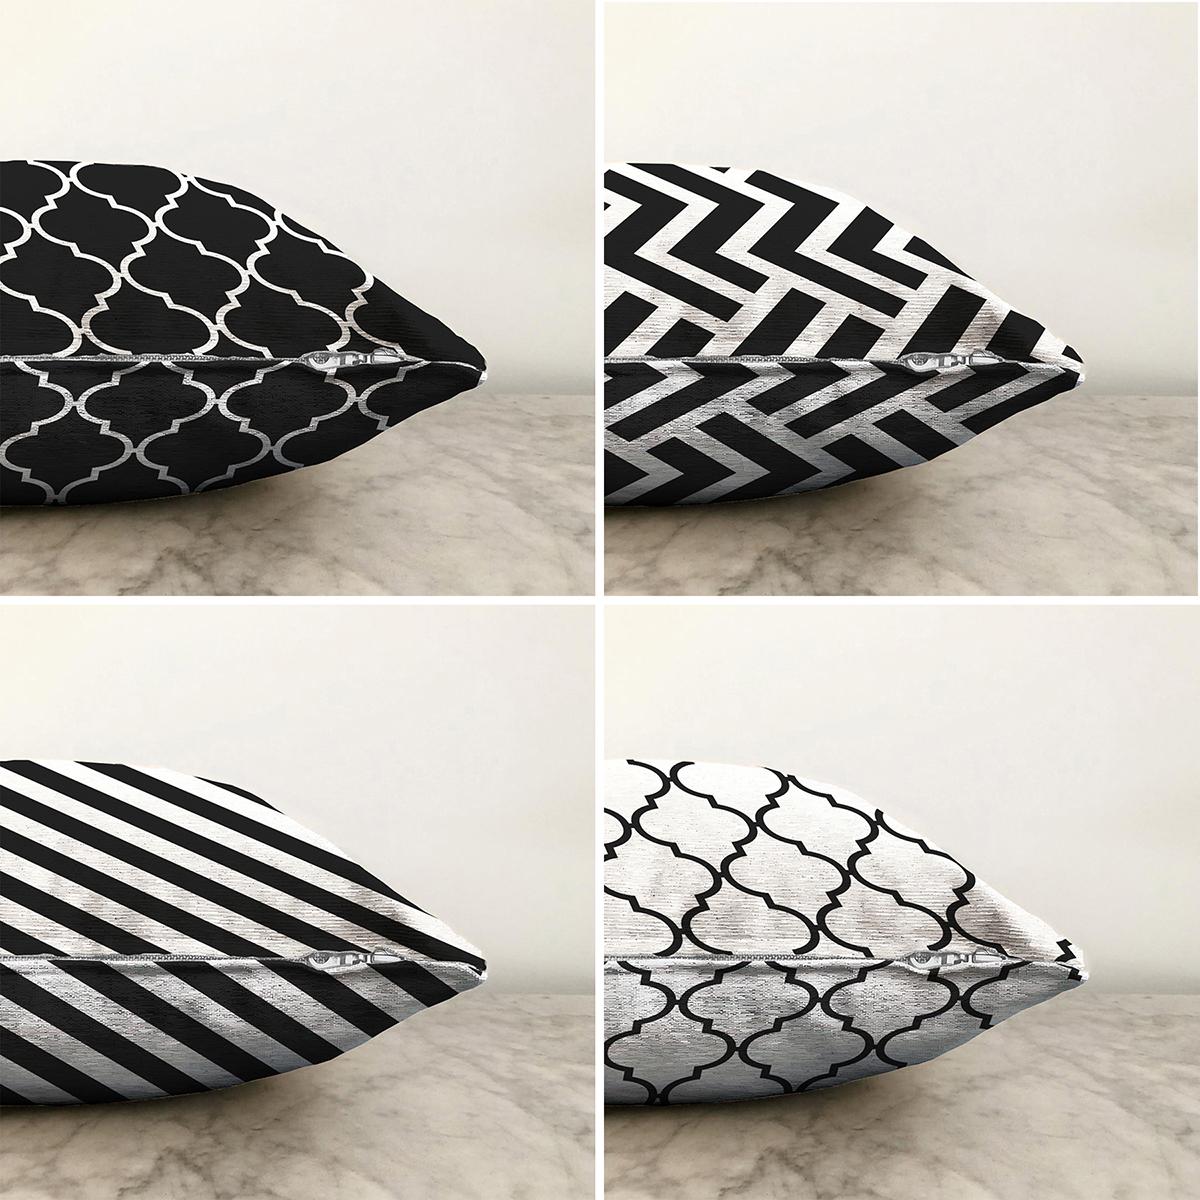 Dekoratif Zigzag Desenli Ogea 4'lü Çift Taraflı Şönil Yastık Kırlent Kılıf Seti - 55 x 55 cm Realhomes